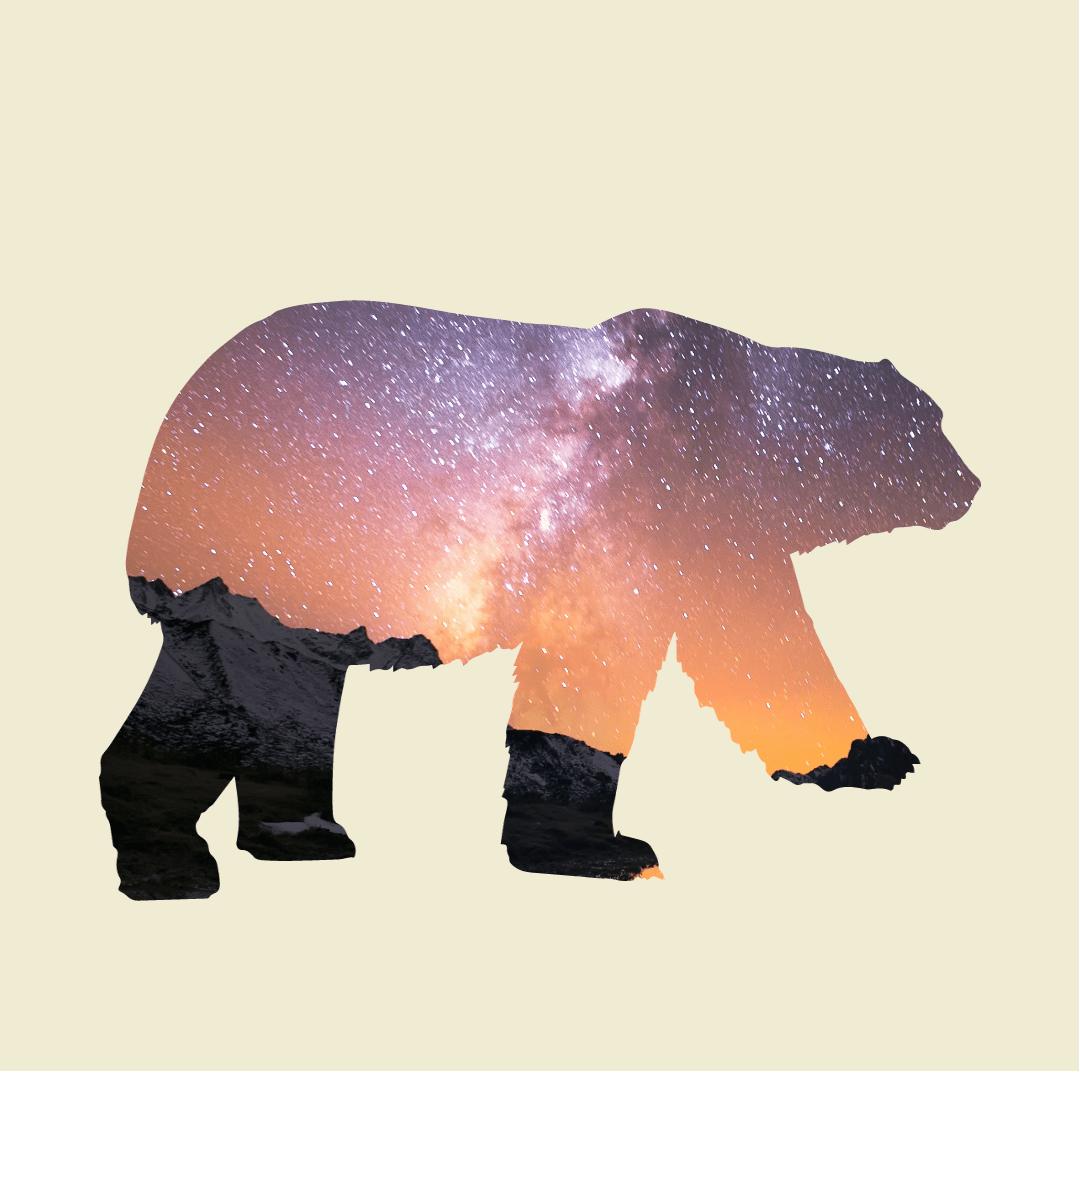 Mammal,                Bear,                Snout,                Carnivoran,                Organism,                Terrestrial,                Animal,                Polar,                White,                 Free Image